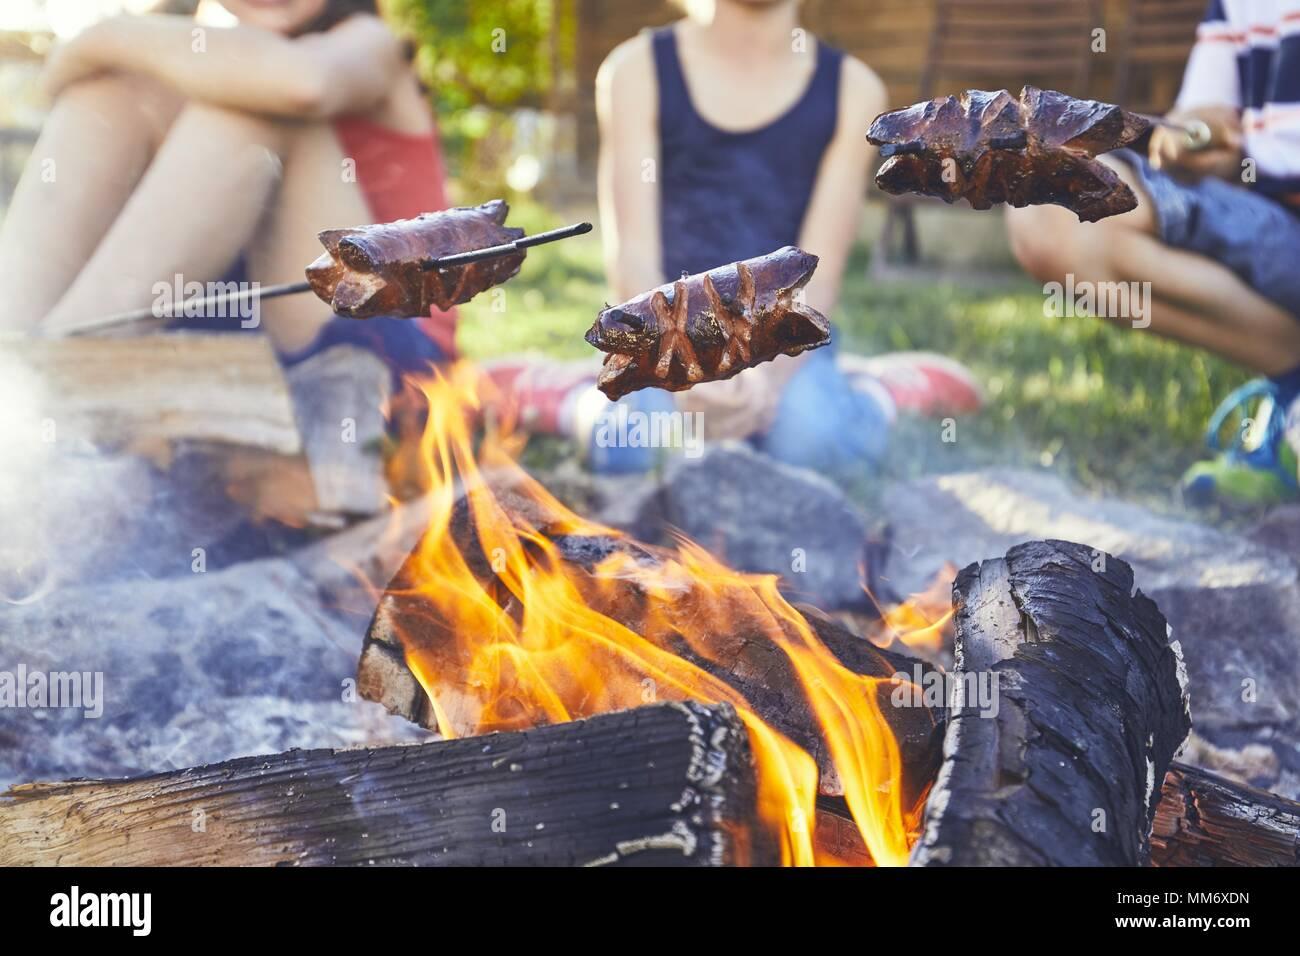 Los niños disfrutan de CAMPFIRE. Las niñas (familia) tostado de salchichas en el jardín. Imagen De Stock